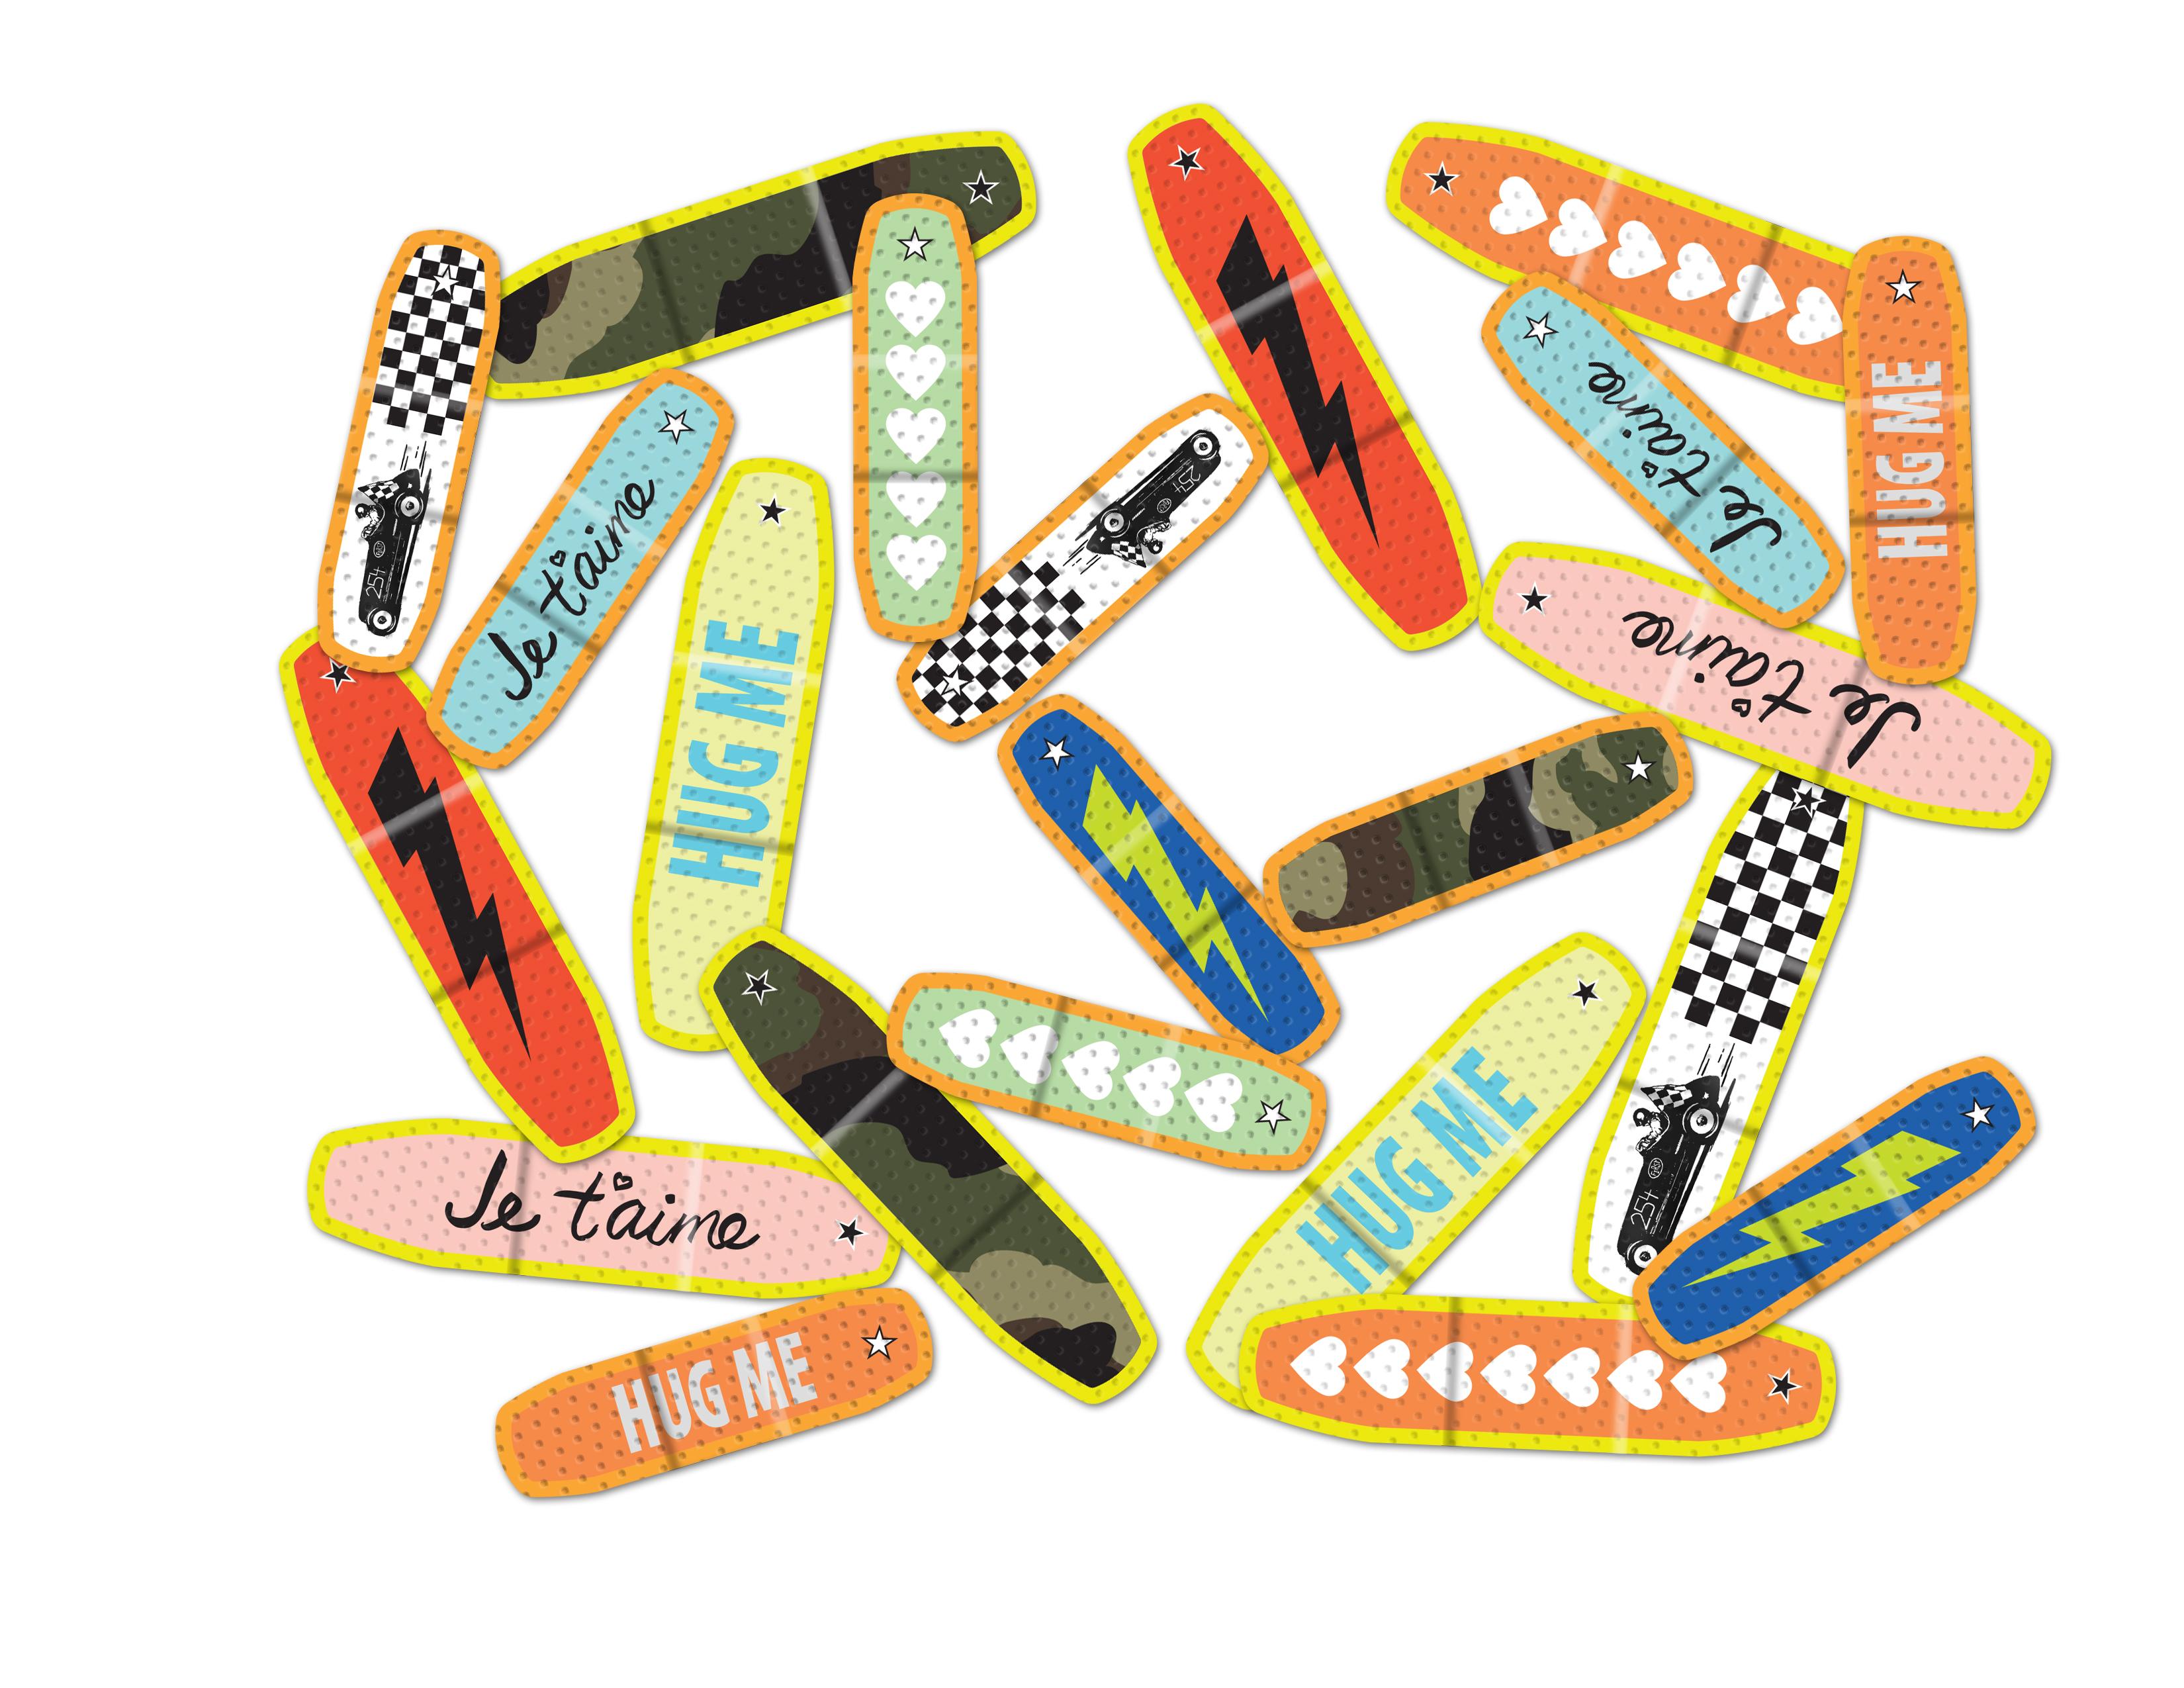 J. Crew designer Band-aids